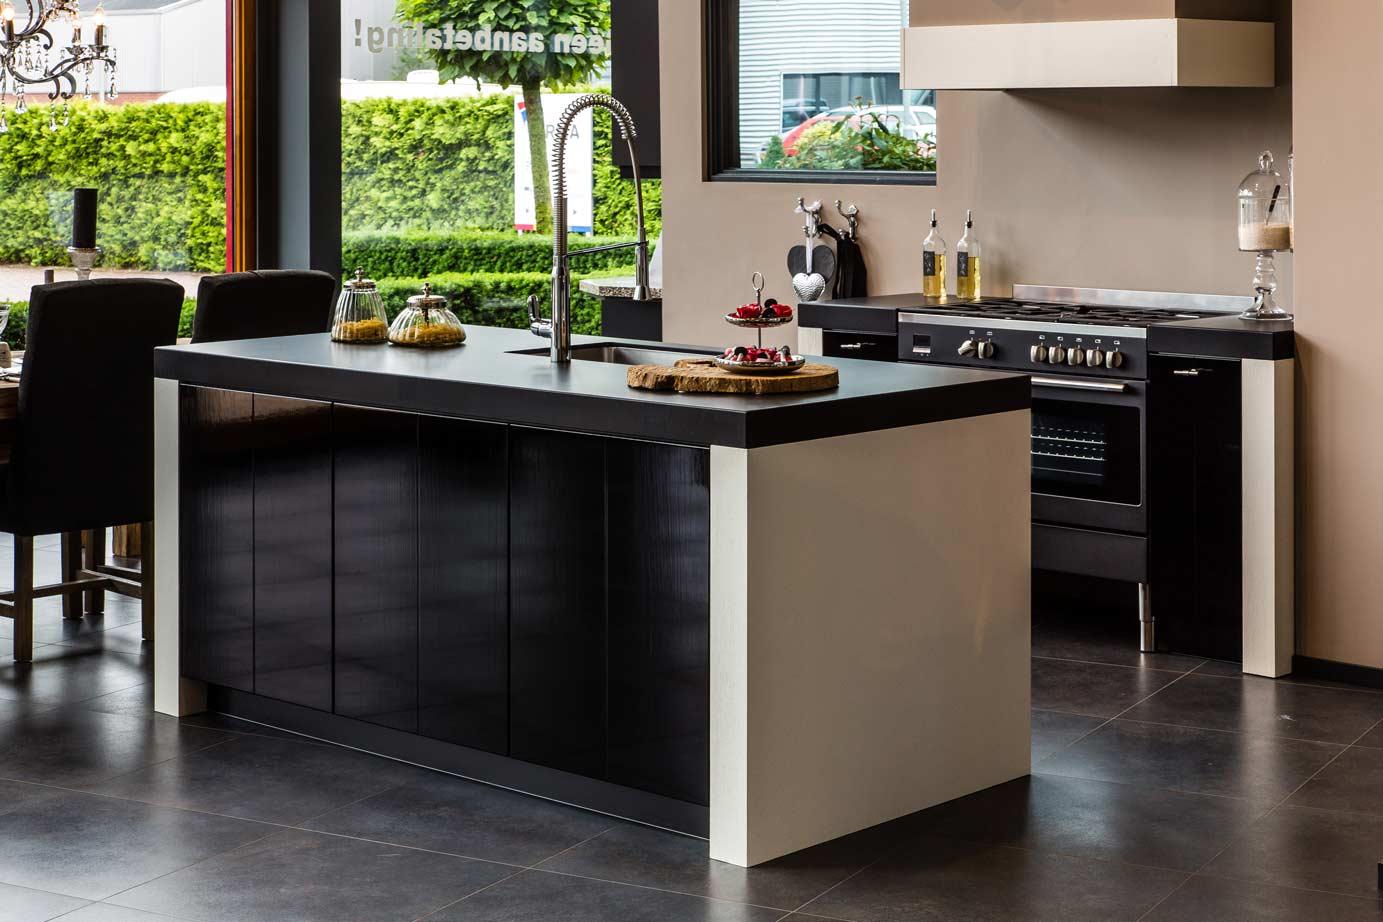 Hoogglans Keuken Of Niet : Keukenstijlen. Vind hier de meeste keukenstijlen. – Avanti